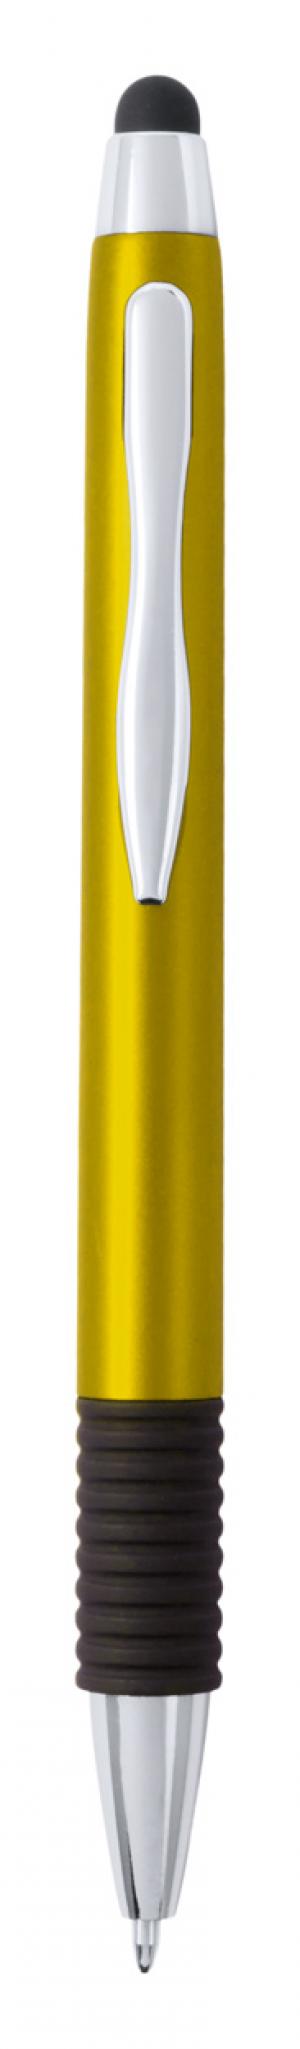 Verslo dovanos Stek (touch ballpoint pen)